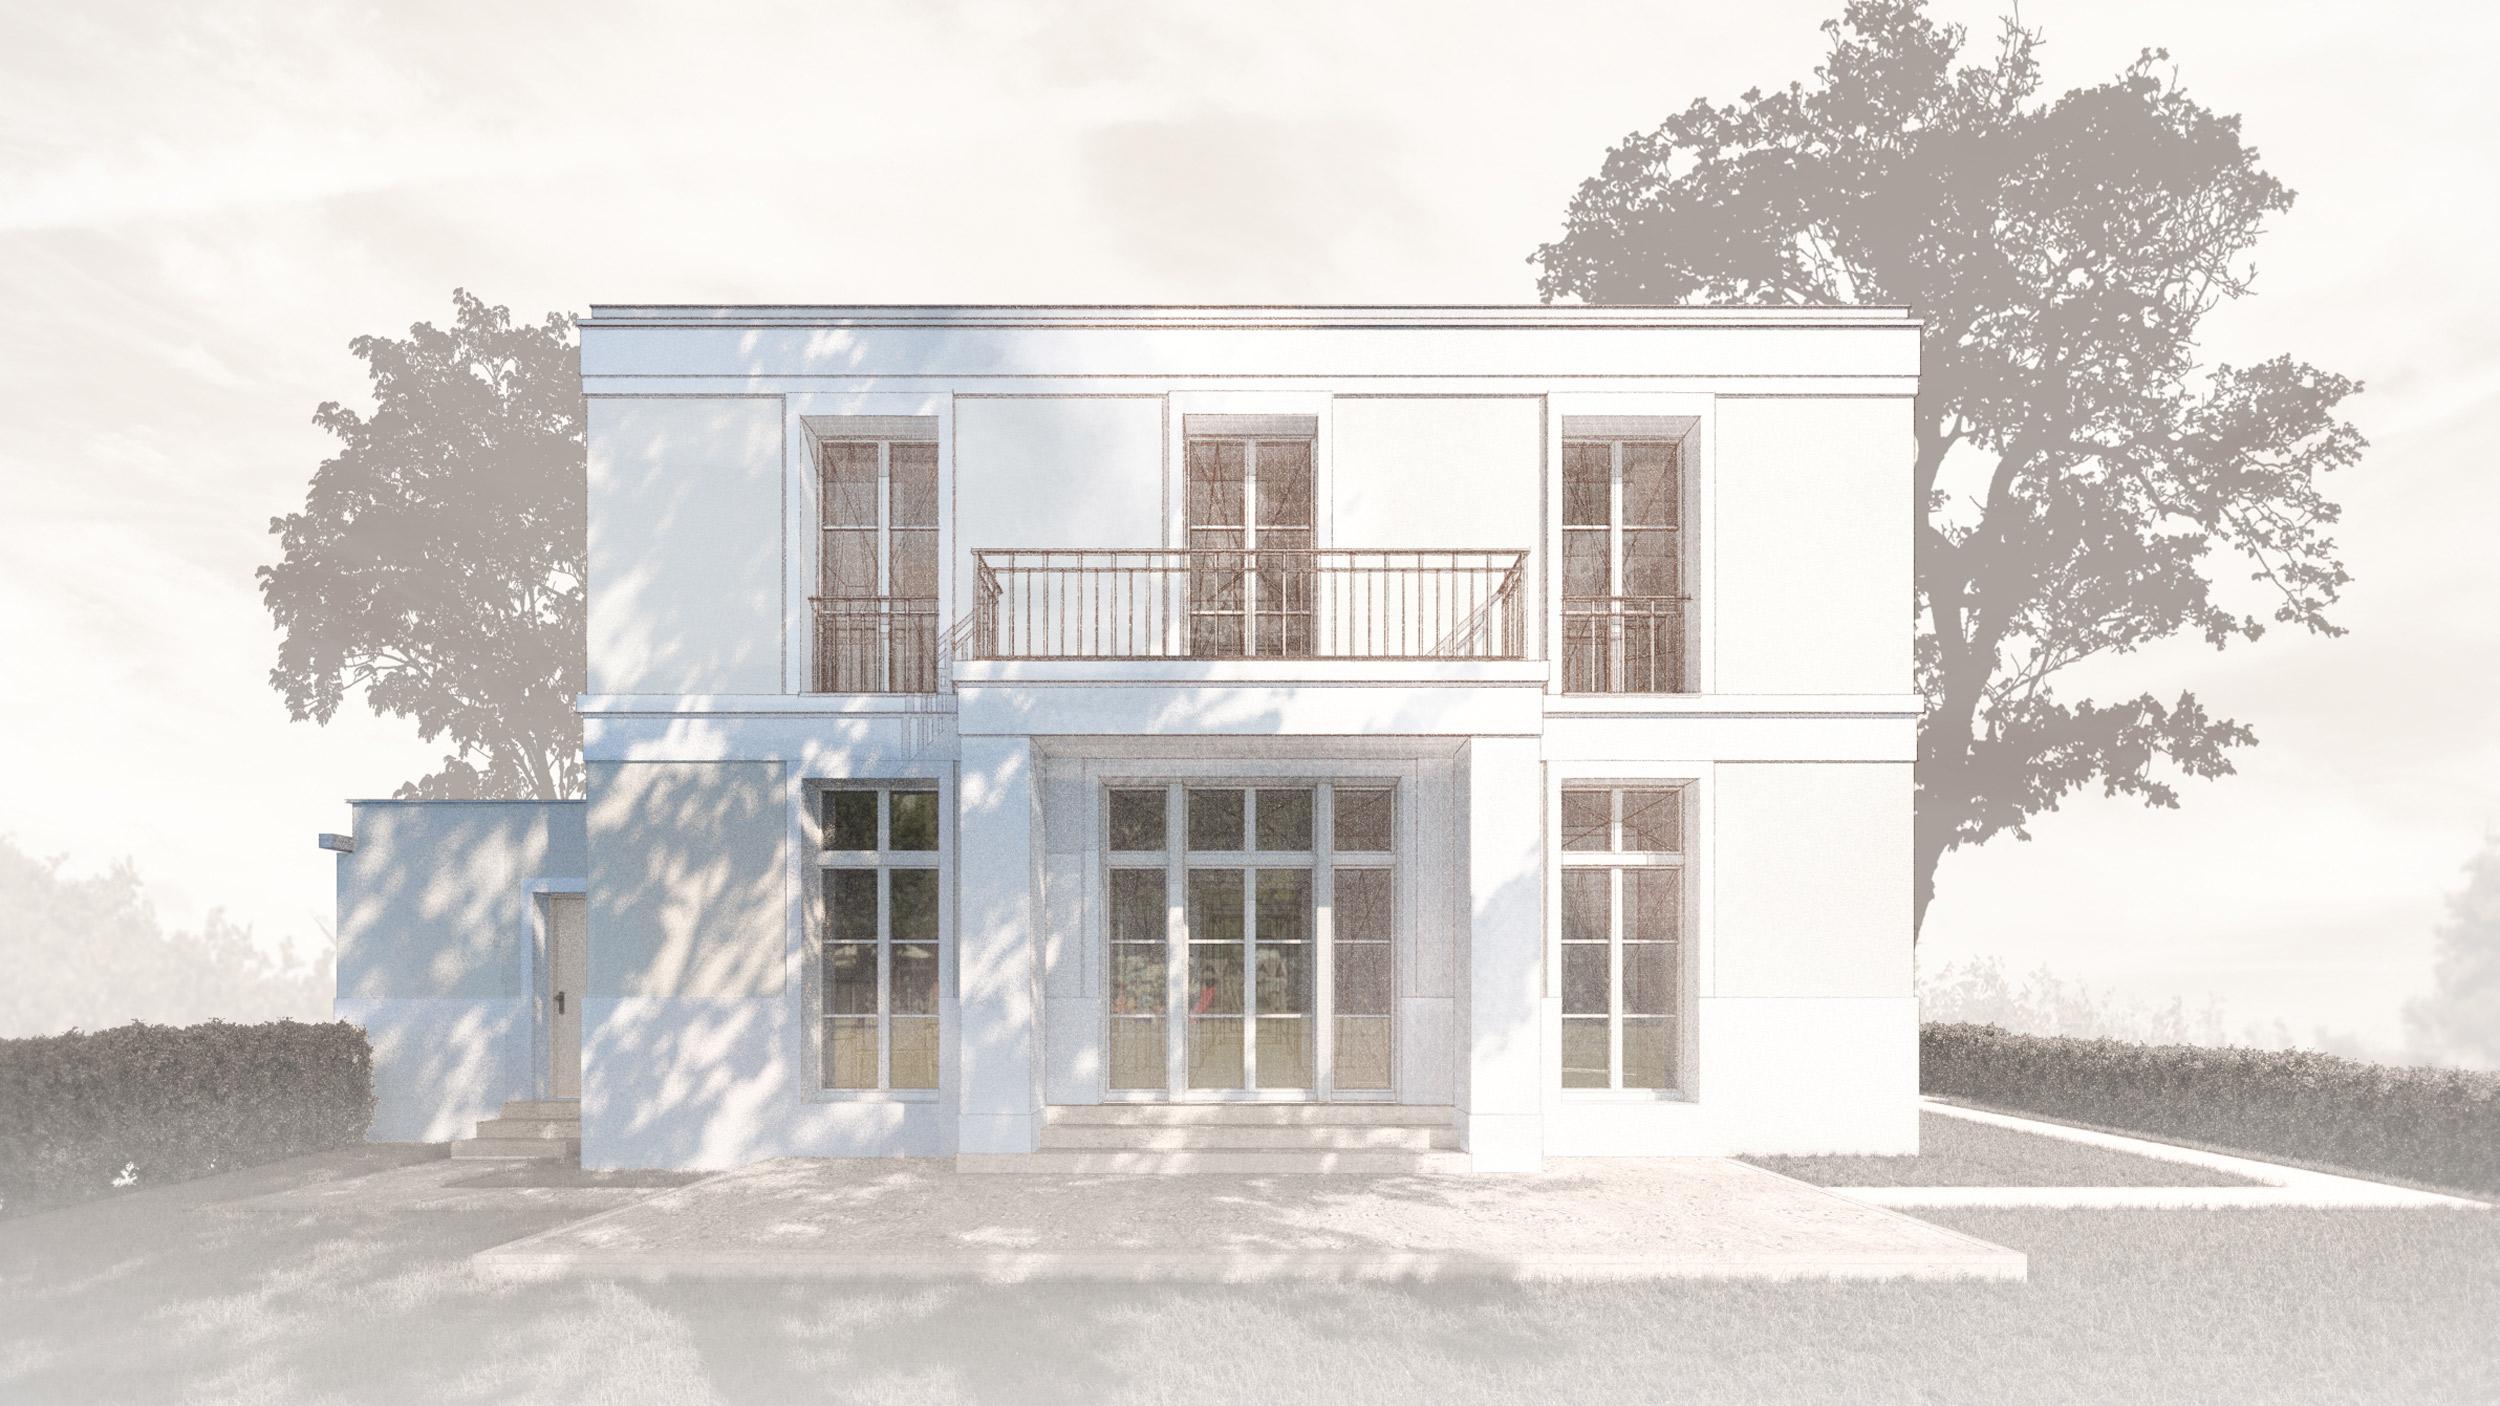 Realisierung eines Landhauses mit klassischer Prägung in Kleinmachnow - Die Fassaden gliedern Sockel, Gesimse und feine Putzfaschen.